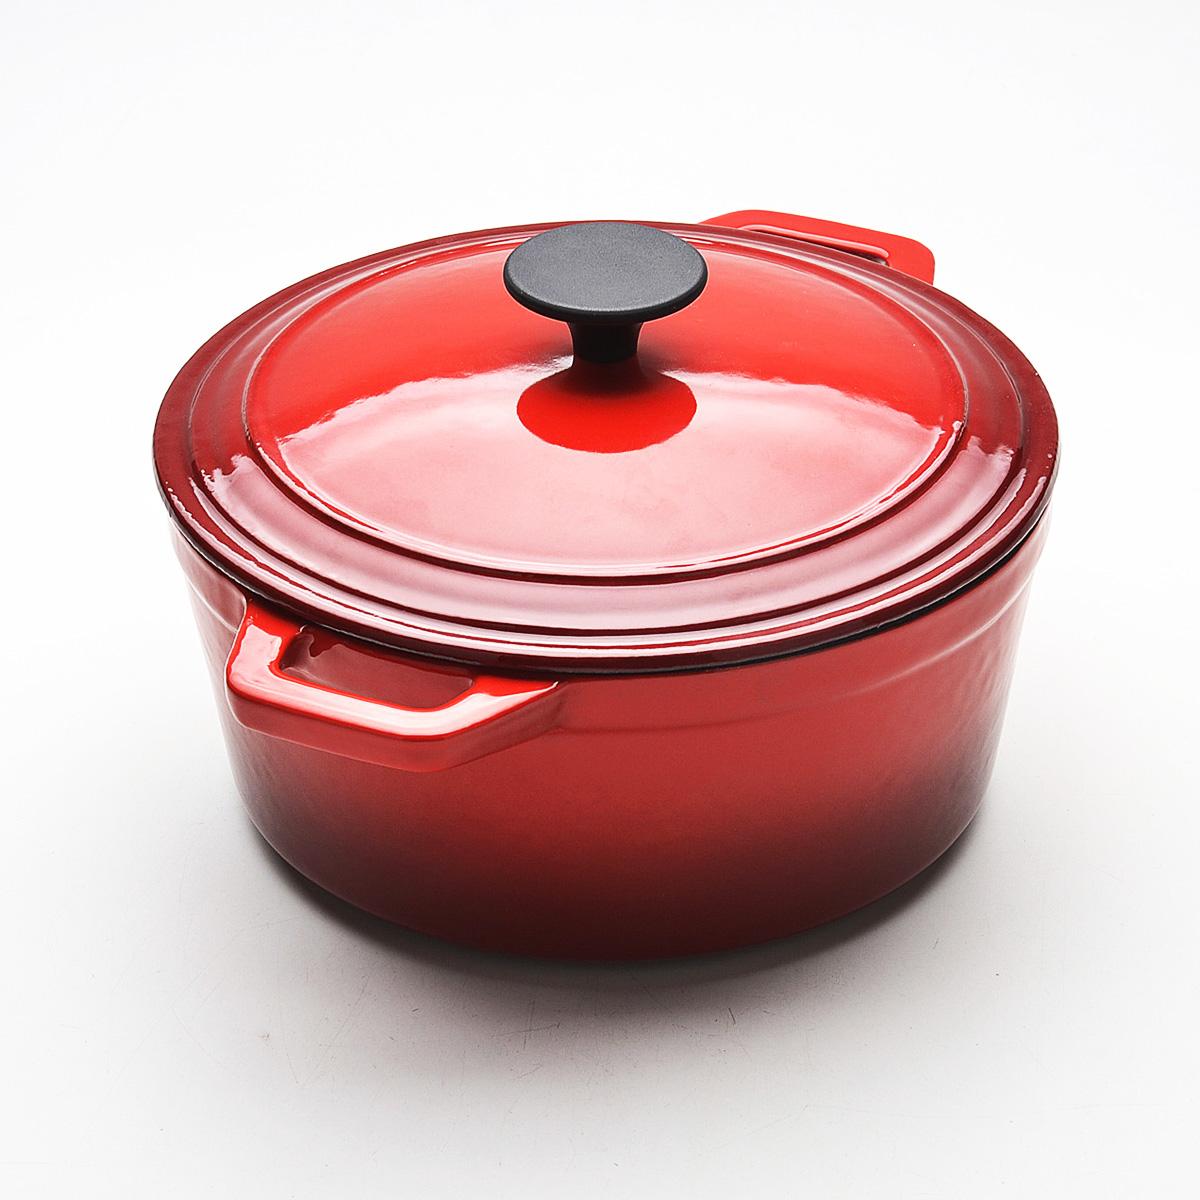 Кастрюля Mayer & Boch с крышкой, с эмалевым покрытием, цвет: красный, 3,8 л. 22058RDS-023Кастрюля Mayer & Boch, изготовленная из чугуна, идеально подходит для приготовления вкусных тушеных блюд. Она имеет внешнее и внутреннее эмалевое покрытие.Чугун является традиционным высокопрочным, экологически чистым материалом. Причем, чем дольше и чаще вы пользуетесь этой посудой, тем лучше становятся ее свойства. Высокая теплоемкость чугуна позволяет ему сильно нагреваться и медленно остывать, а это в свою очередь обеспечивает равномерное приготовление пищи. Чугун не вступает в какие-либо химические реакции с пищей в процессе приготовления и хранения, а плотное покрытие - безупречное препятствие для бактерий и запахов. Пища, приготовленная в чугунной посуде, благодаря экологической чистоте материала не может нанести вред здоровью человека. Кастрюля оснащена двумя удобными ручками. К кастрюле прилагается чугунная крышка, которая плотно прилегает к краям кастрюли, сохраняя аромат блюд. Кастрюлю Mayer & Boch можно использовать на всех типах плит, включая индукционные. Также изделие можно мыть в посудомоечной машине. Размер кастрюли (с учетом ручек): 31 см х 24 см. Высота кастрюли (без учета крышки): 10,5 см. Толщина стенки: 4 мм.Толщина дна: 5 мм.Диаметр индукционного диска: 18 см.